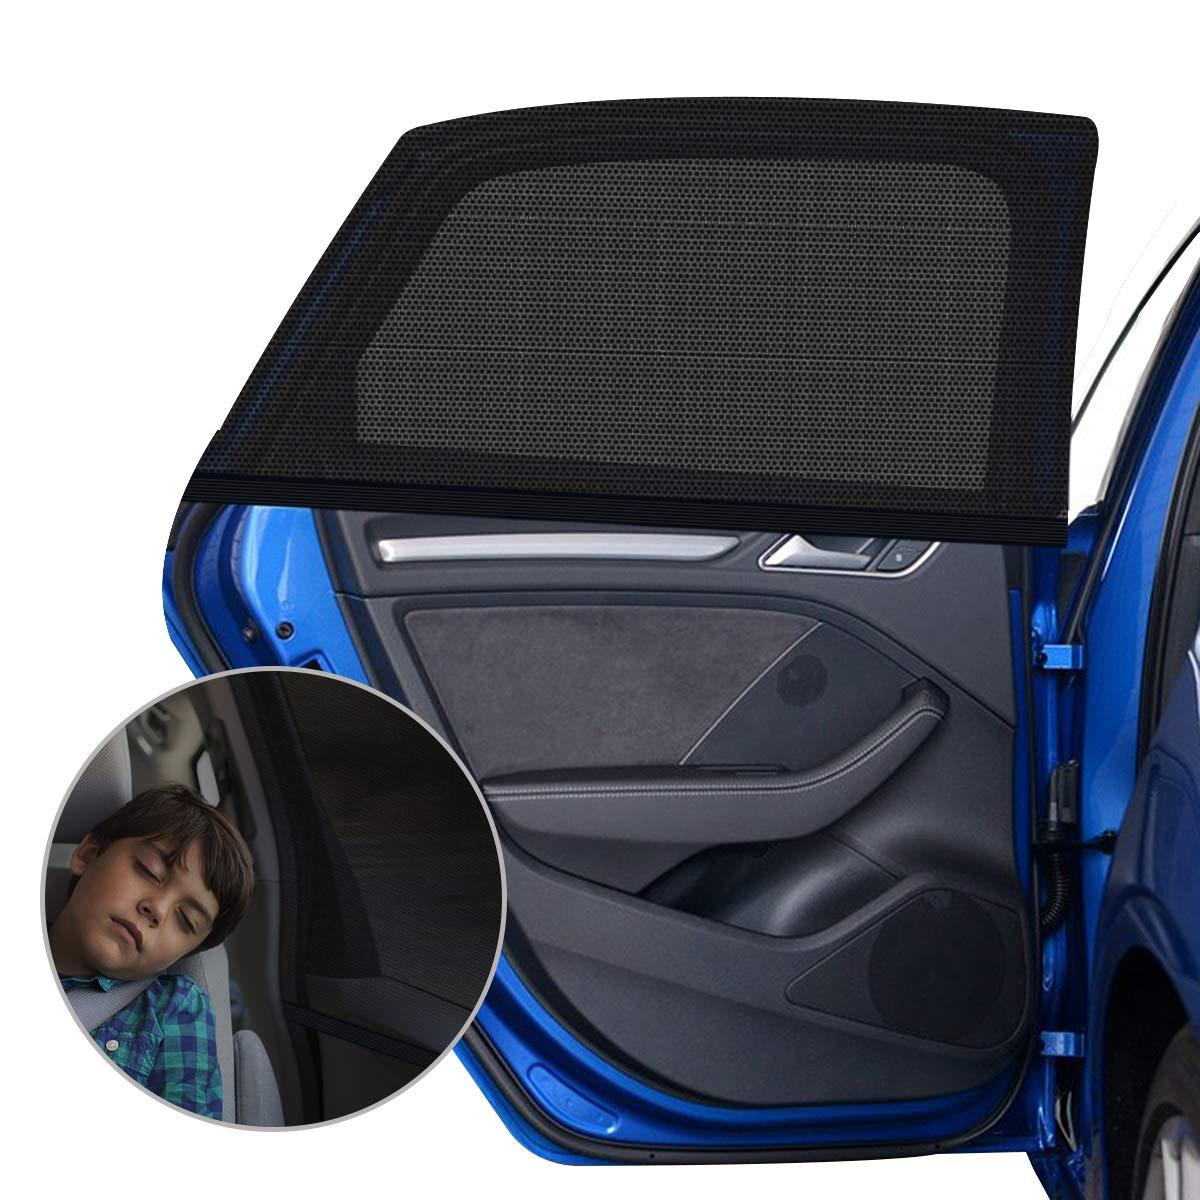 Sonnenschutz Auto Baby Mit Uv Schutz 2 Stück Sonnenschutz Auto Für Kinder Erwachsene Haustiere Mit Uv Schutz Blendschutz 40 X20 Für Die Meisten Auto Amteker Baby